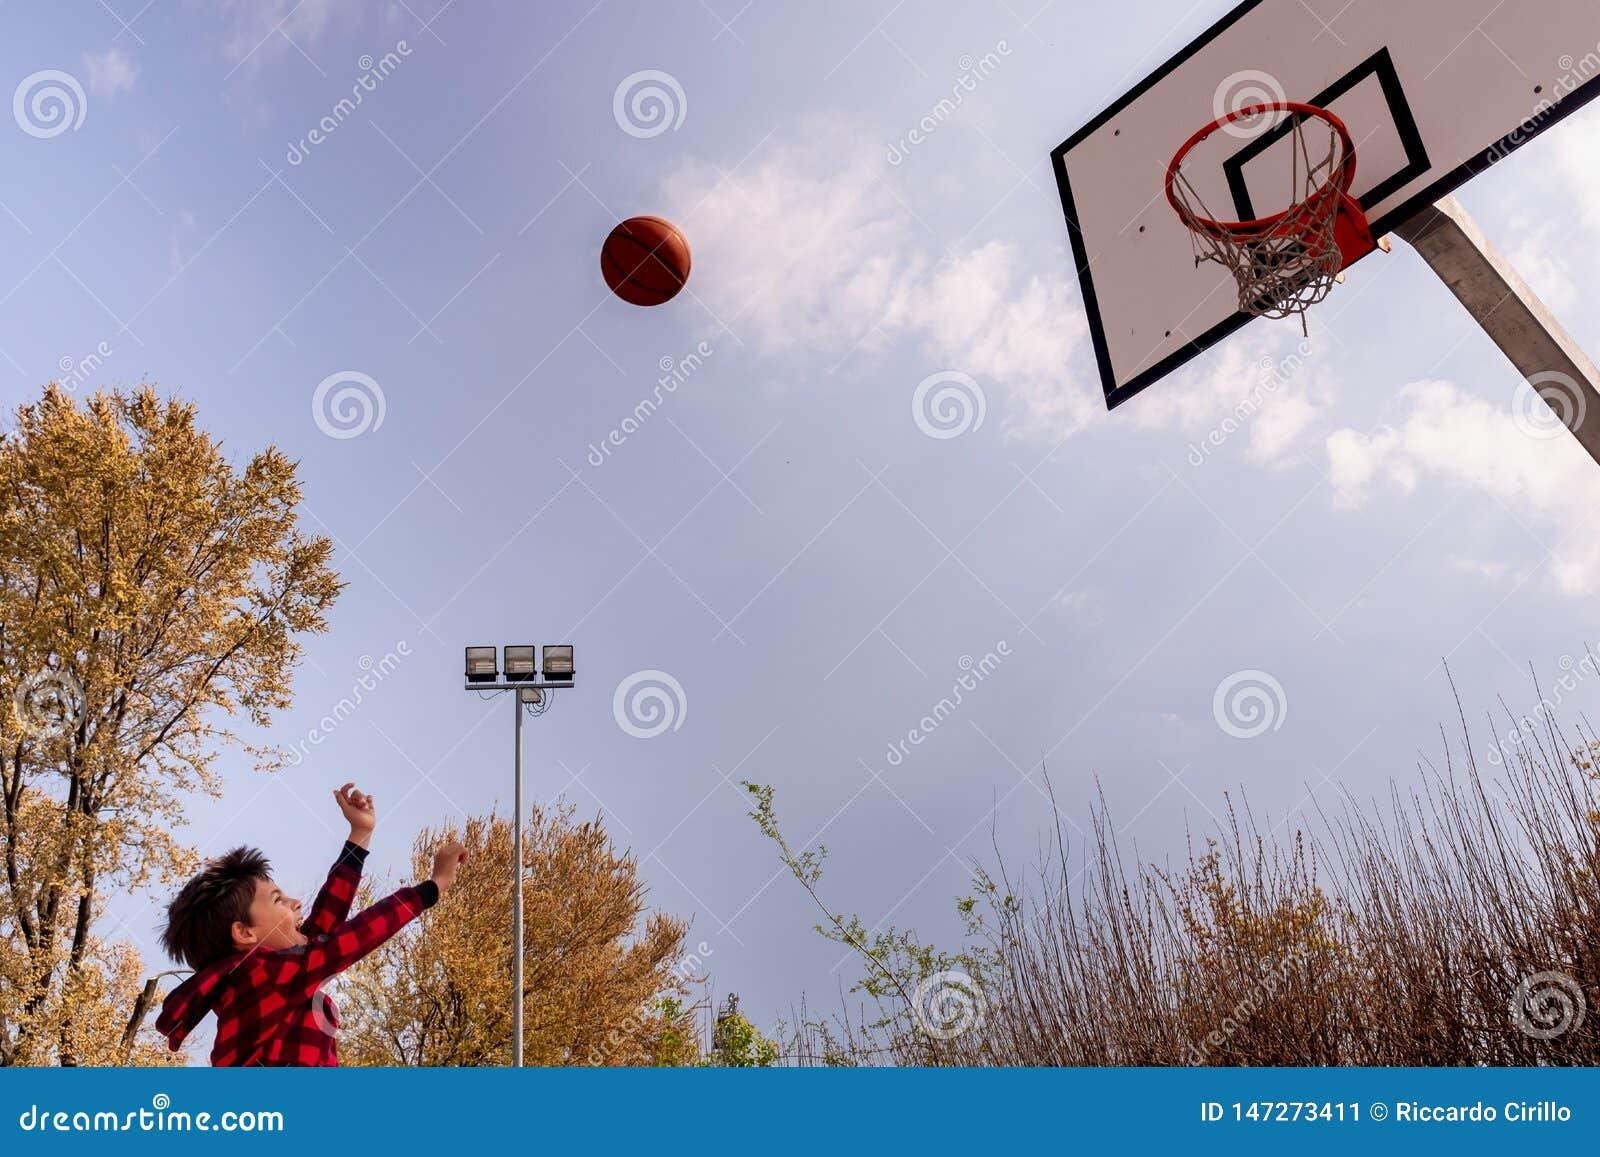 Ein enthusiastisches Kind macht einen Basketballschuß